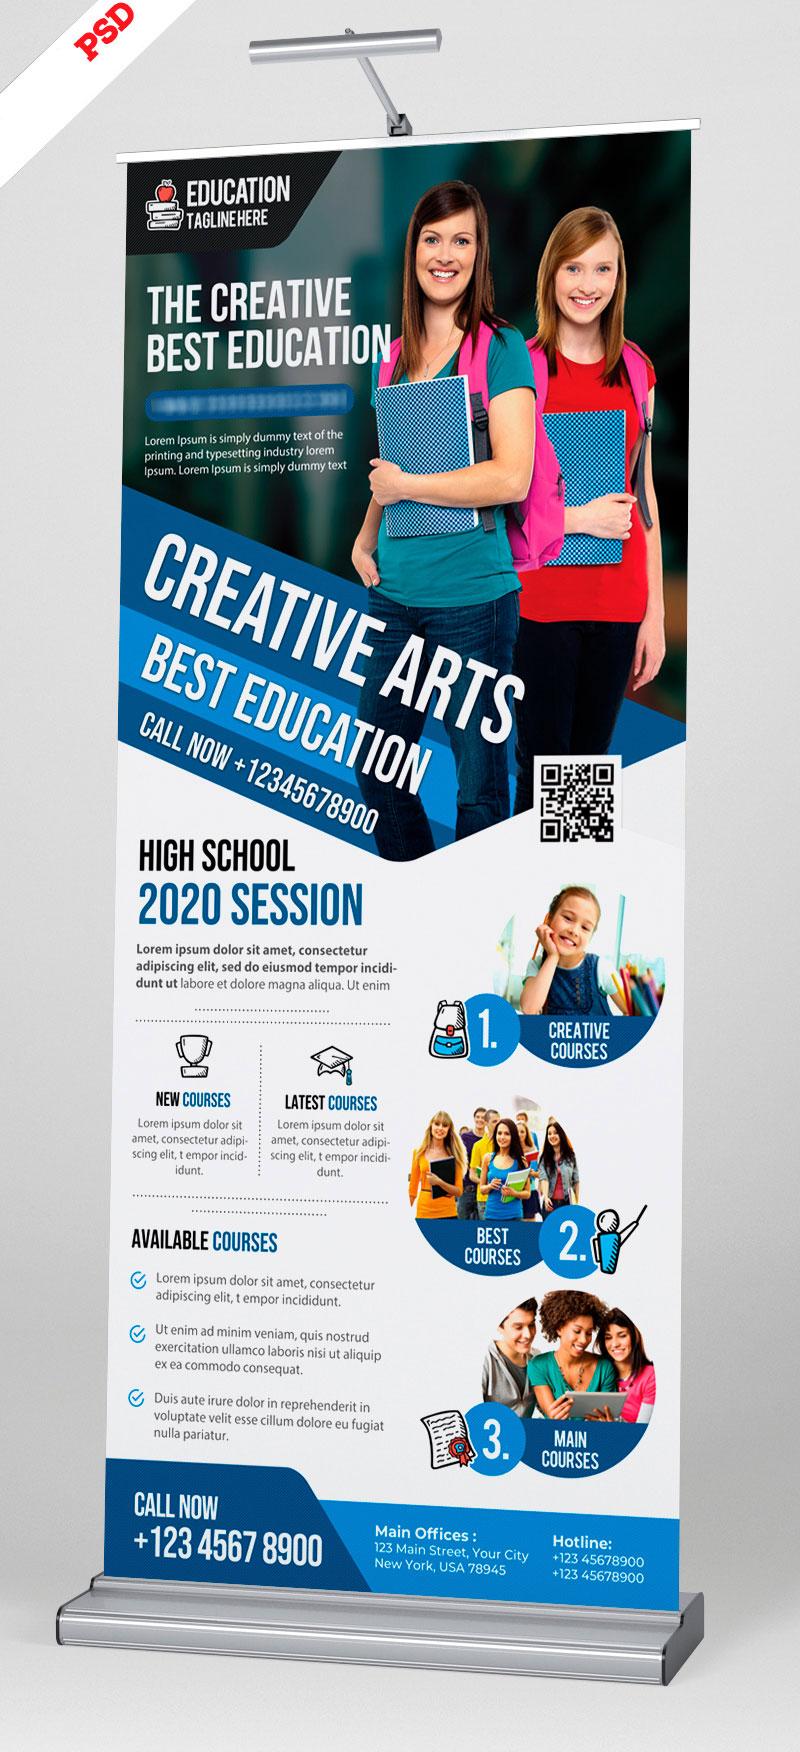 p509 - طرح آماده استند بنر معرفی خدمات آموزشی و محصولات شرکت های تجاری اقتصادی و دوره های تحصیلی دانشگاهی